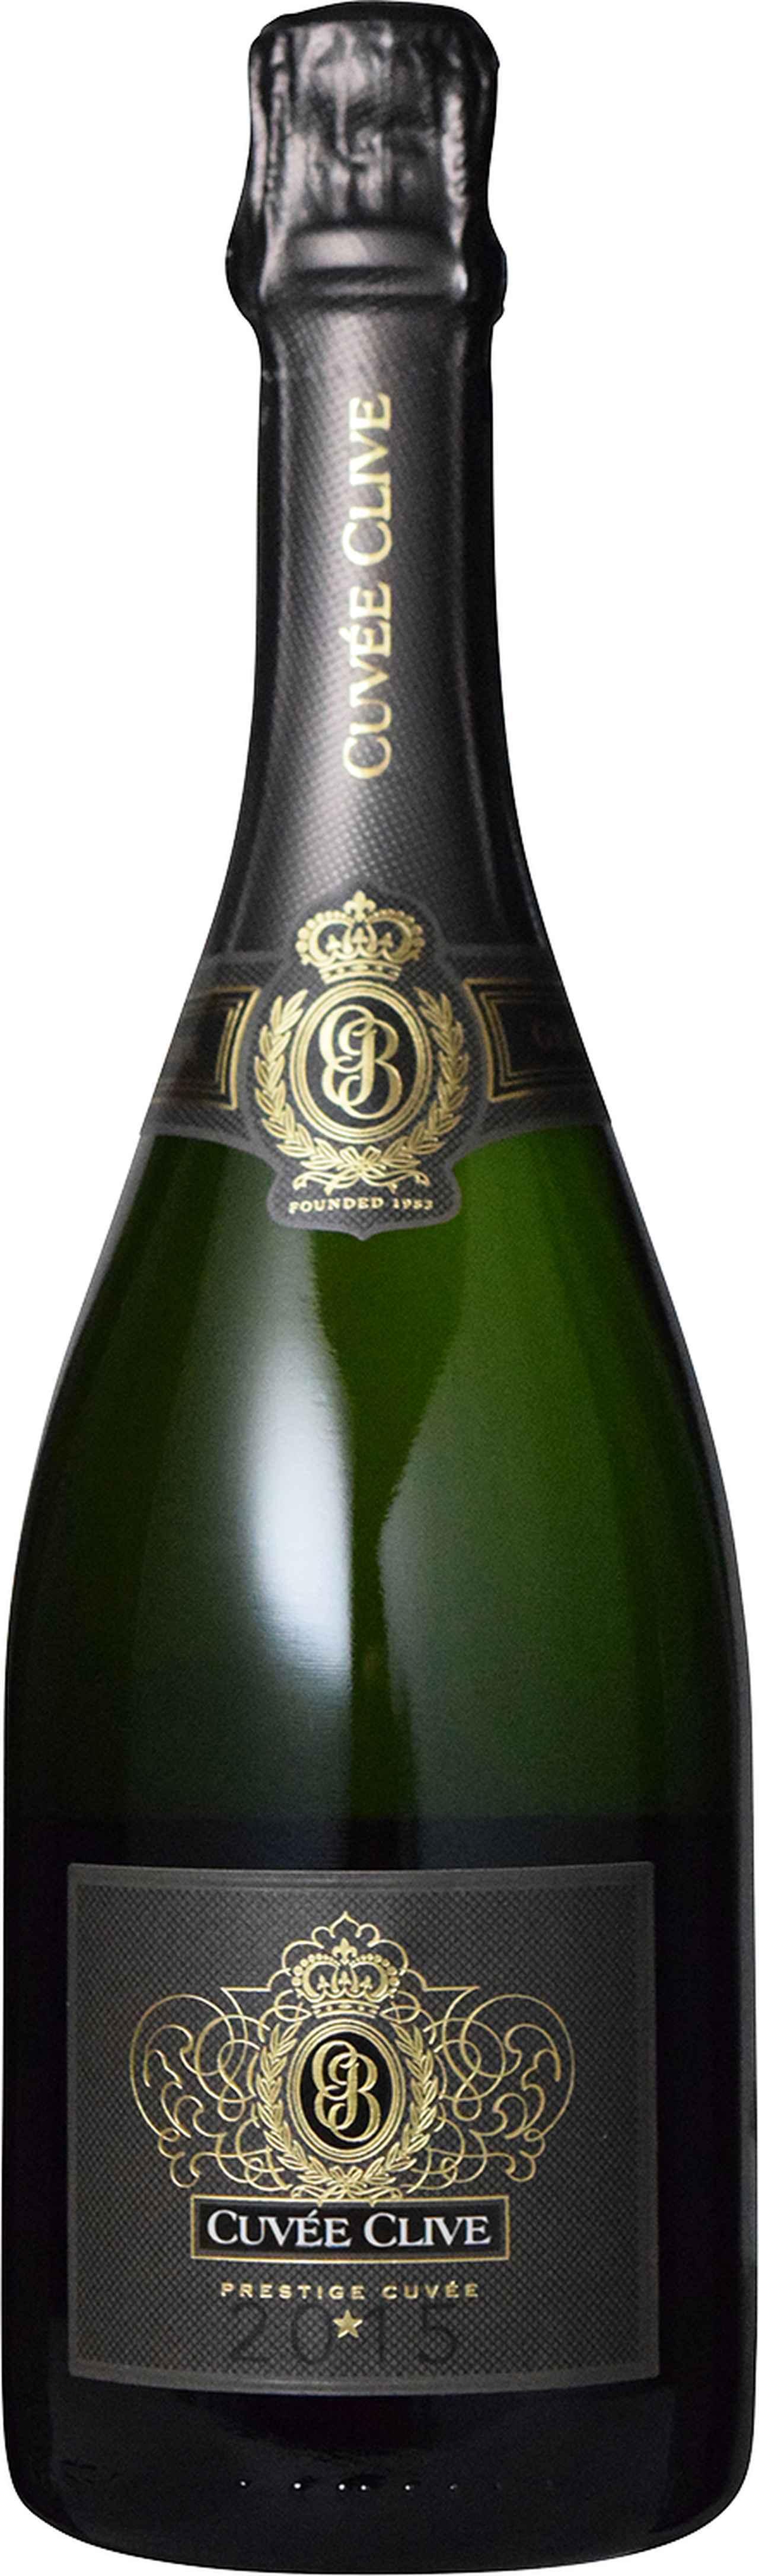 画像6: 南アフリカのスパークリングワイン「キャップ・クラシック」と 「グラハム・ベック・ワインズ」の美味しさの秘密